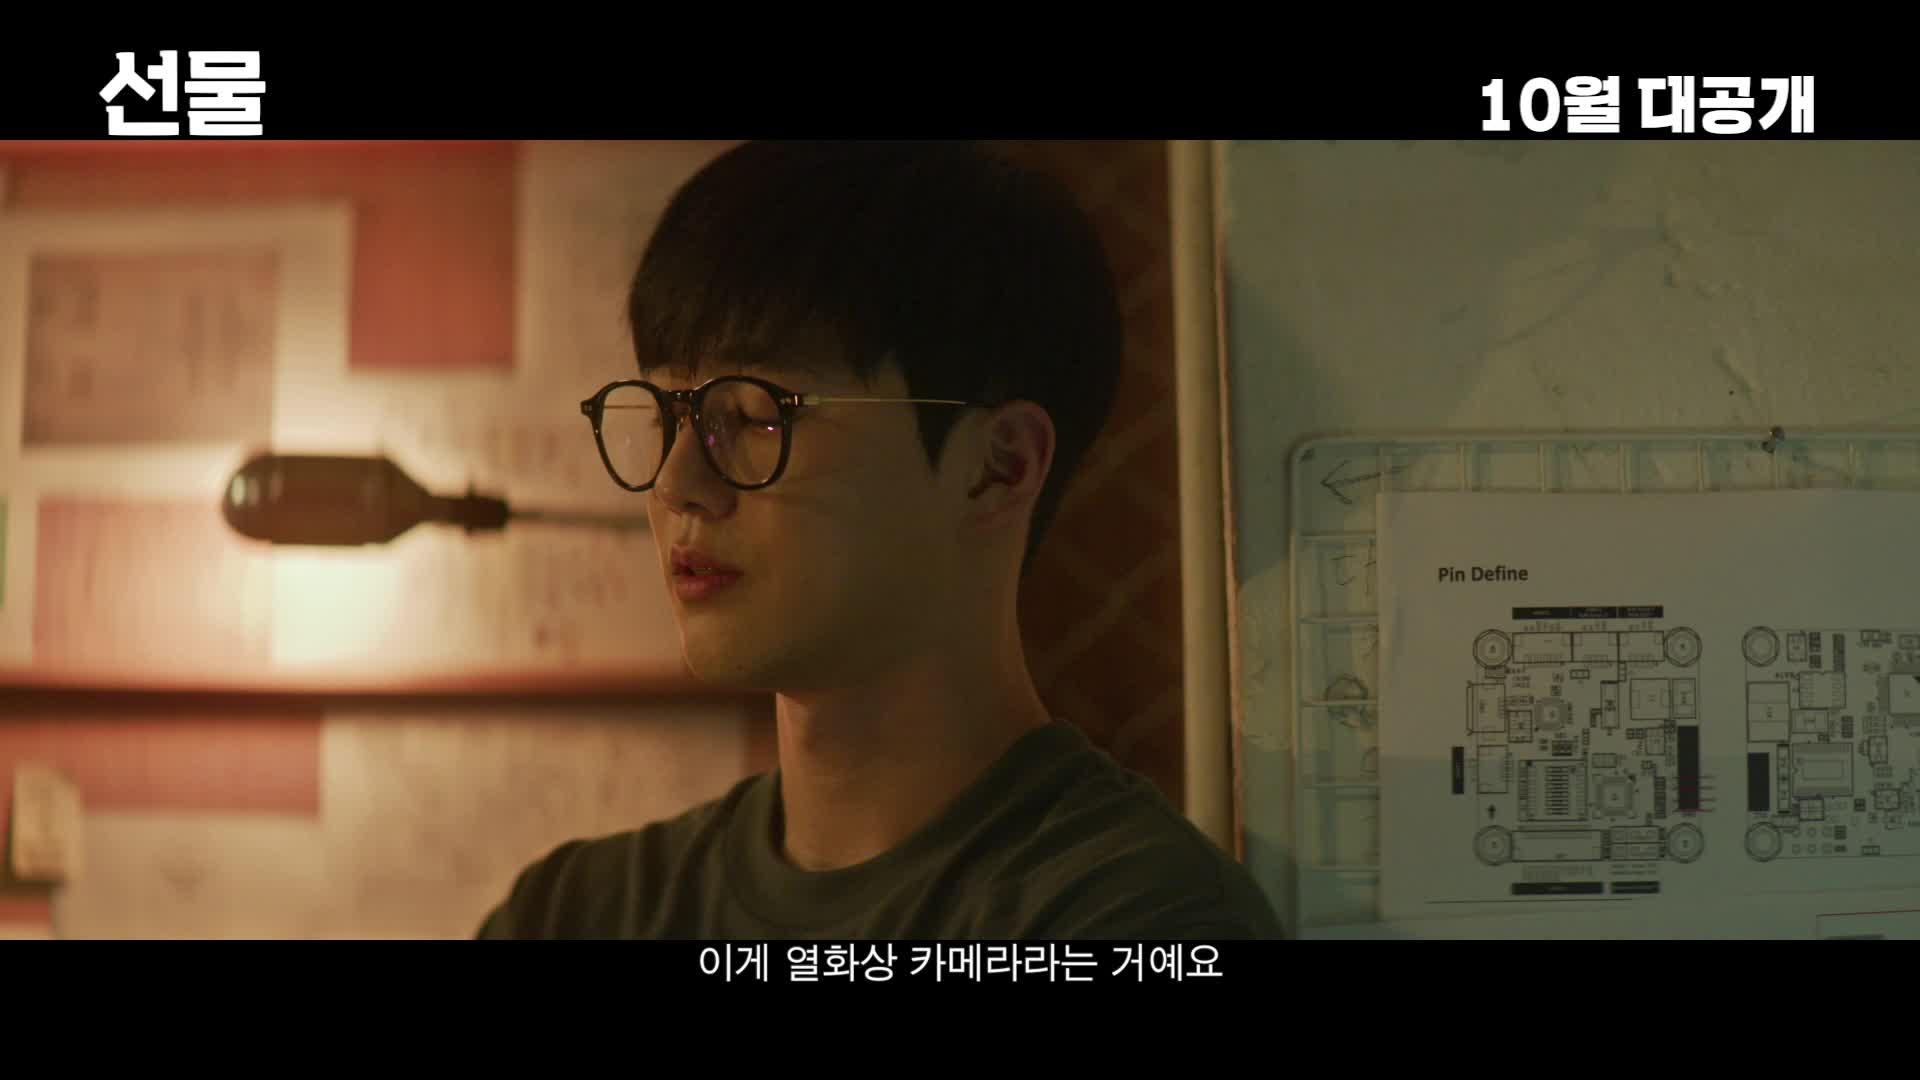 영화 '선물' (The Present) 메인 예고편 공개! / 신하균, 김준면(수호), 김슬기 유수빈 출연!